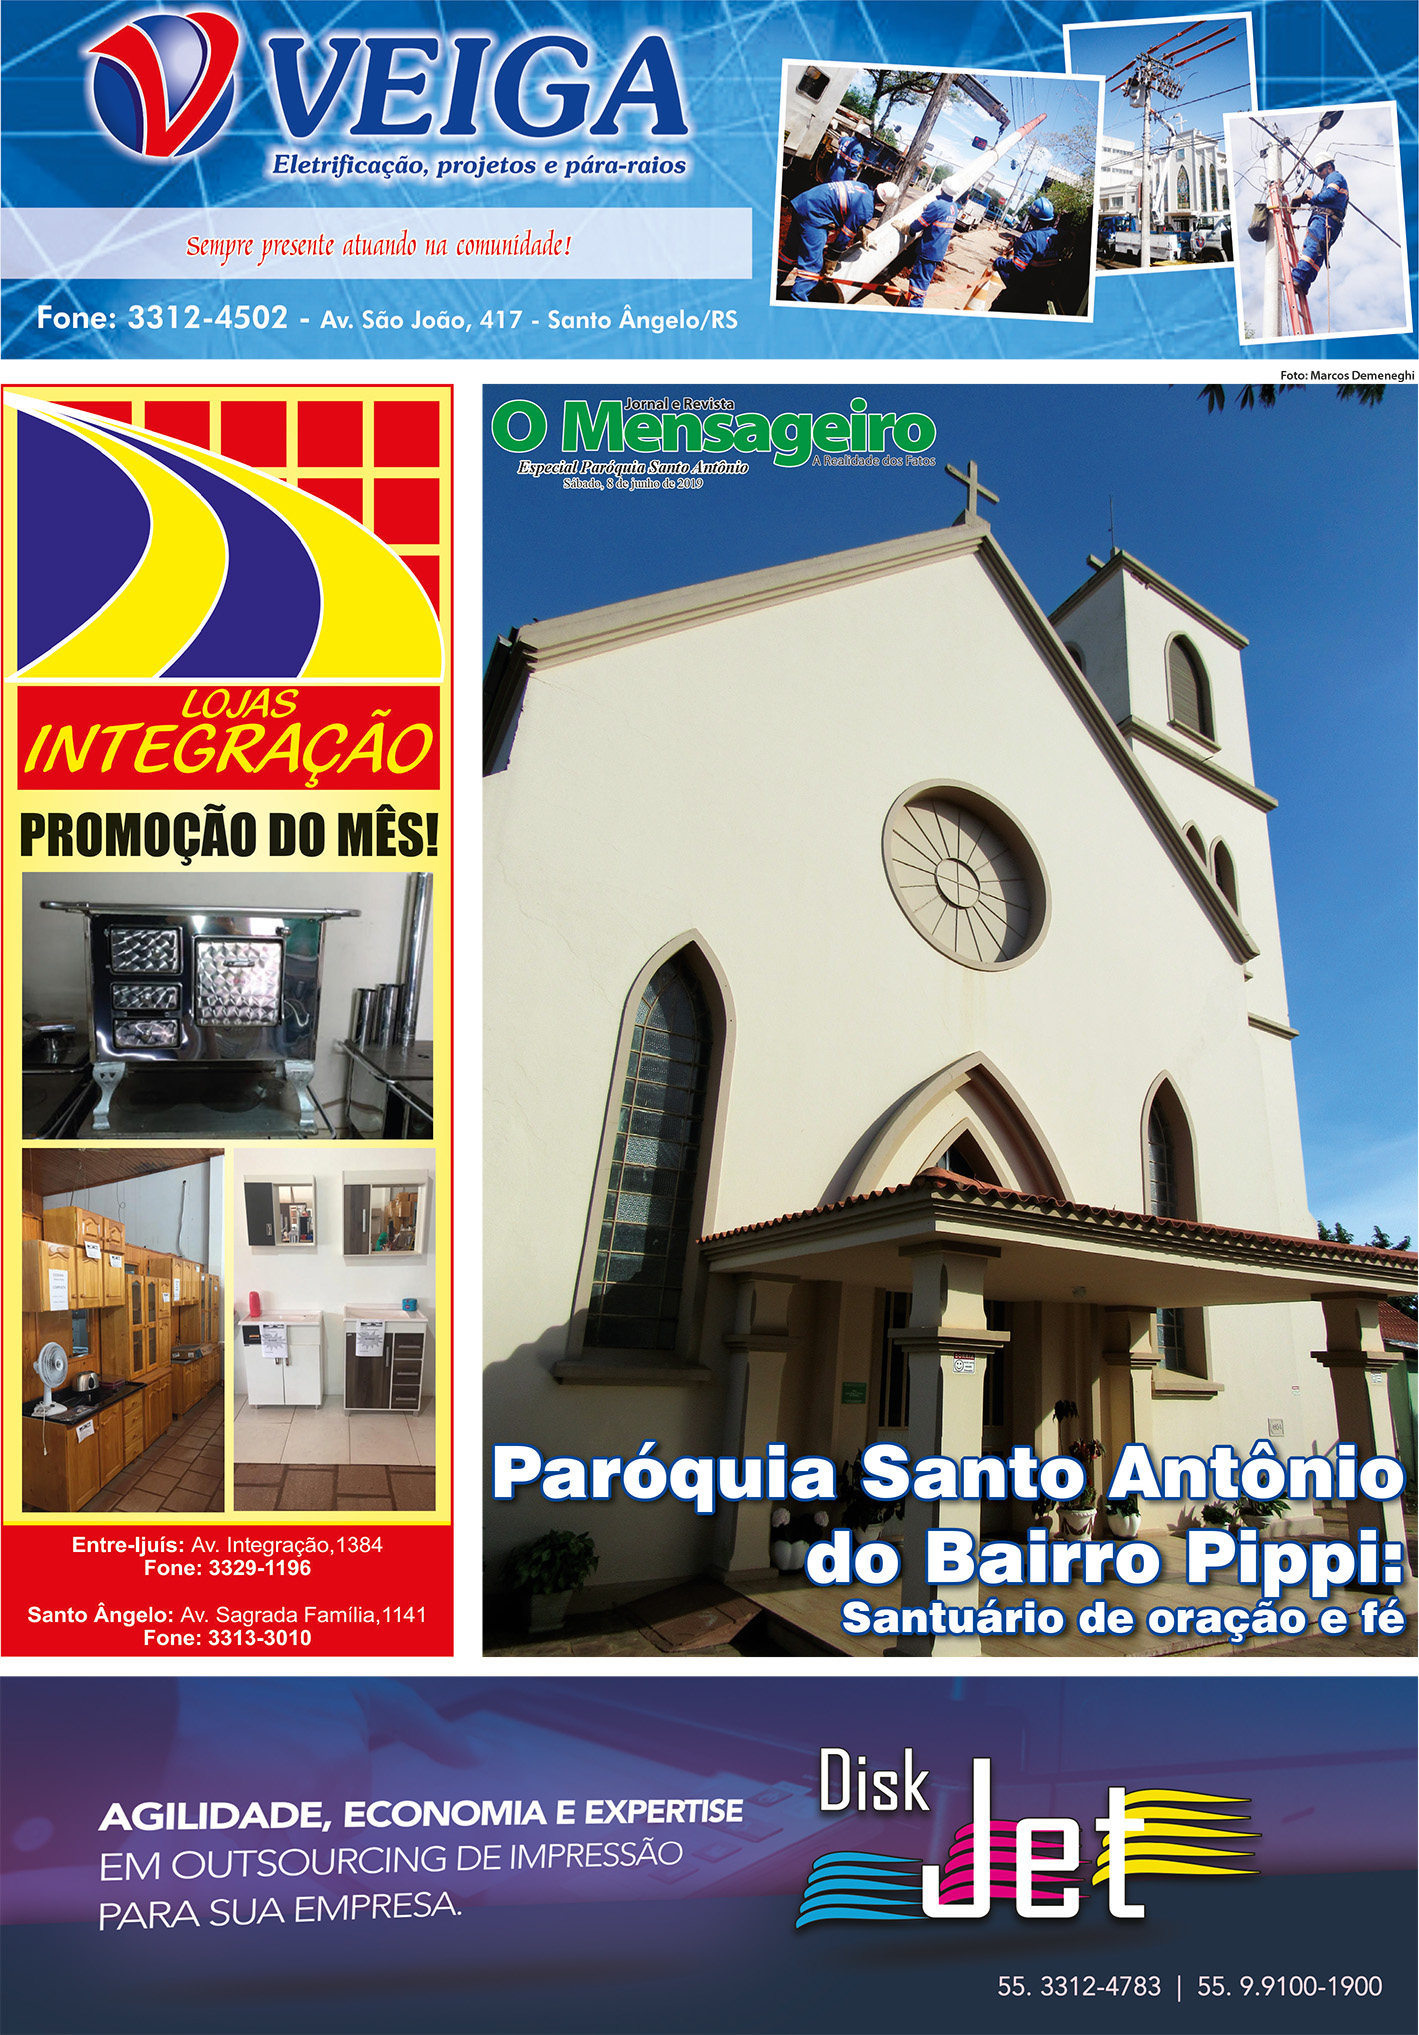 Especial Paróquia Santo Antônio 2019.indd